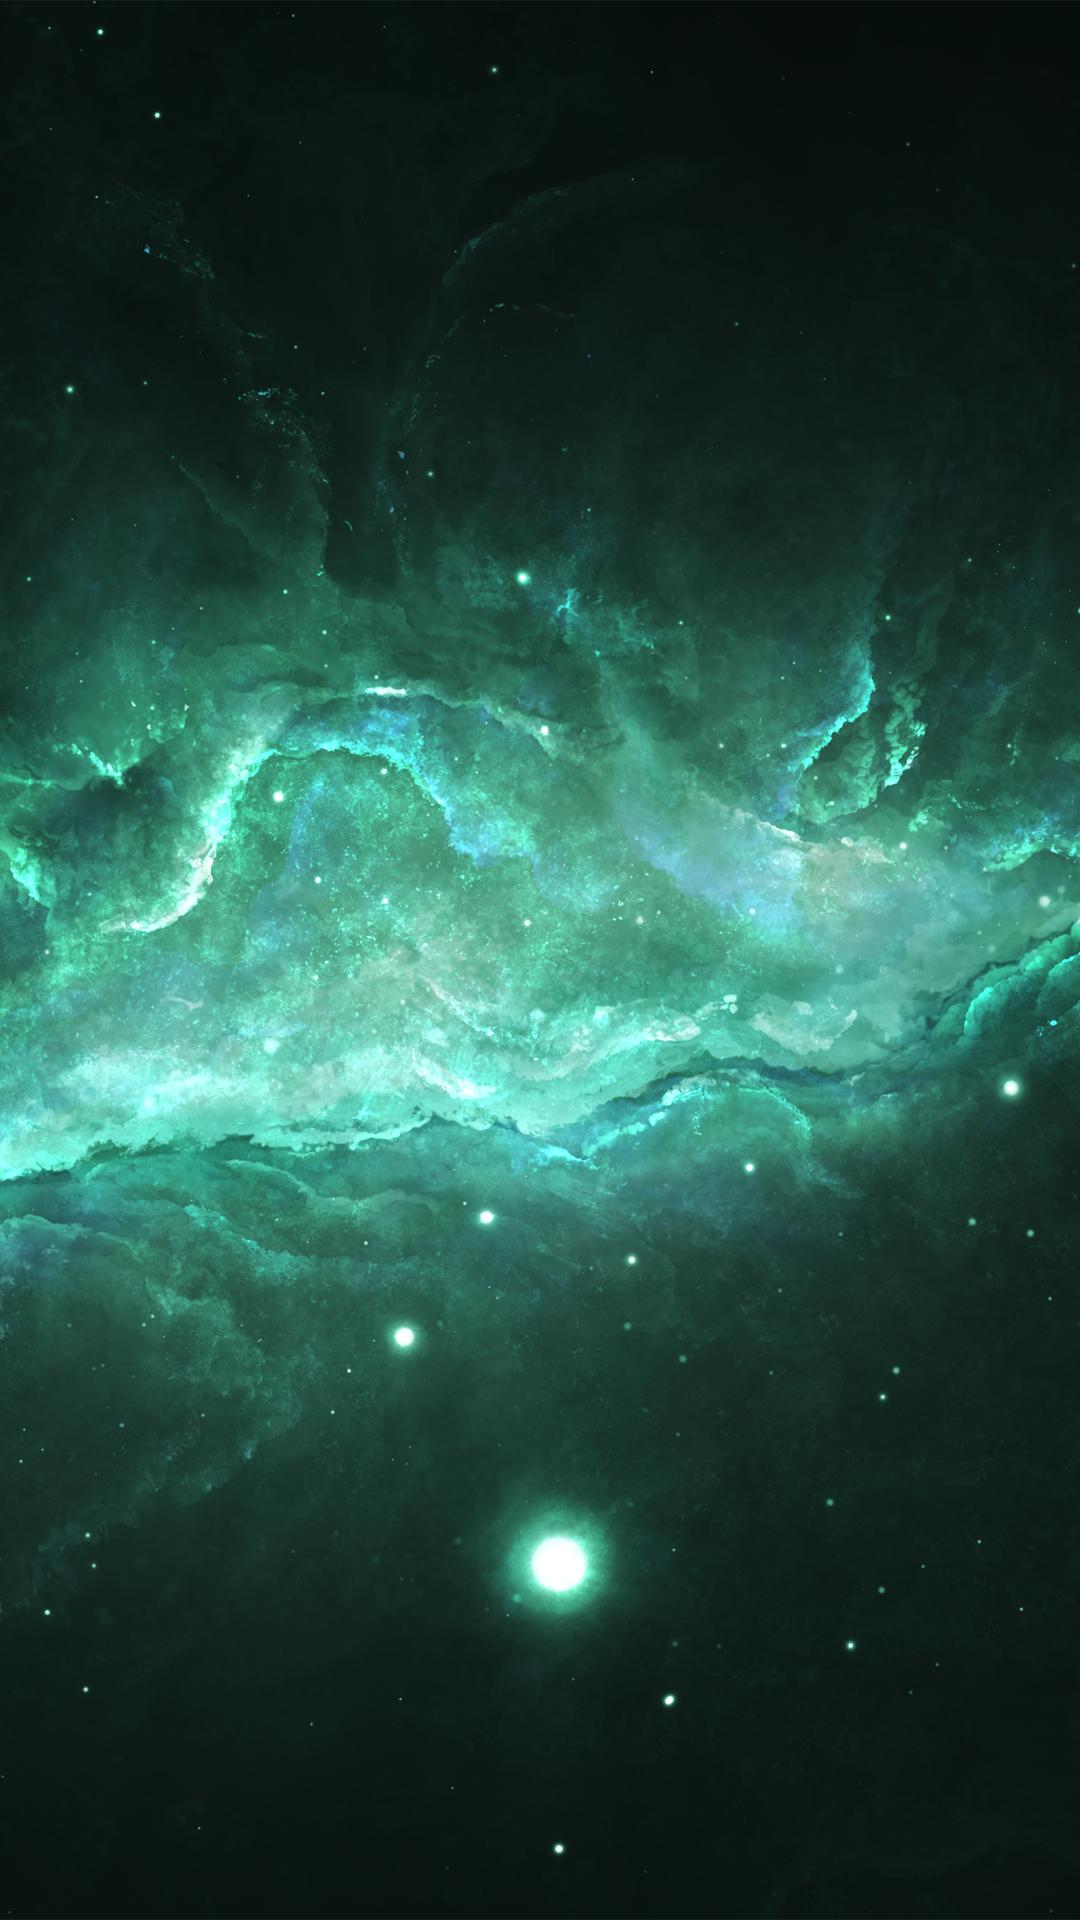 闪耀唯美多彩宇宙星球壁纸2